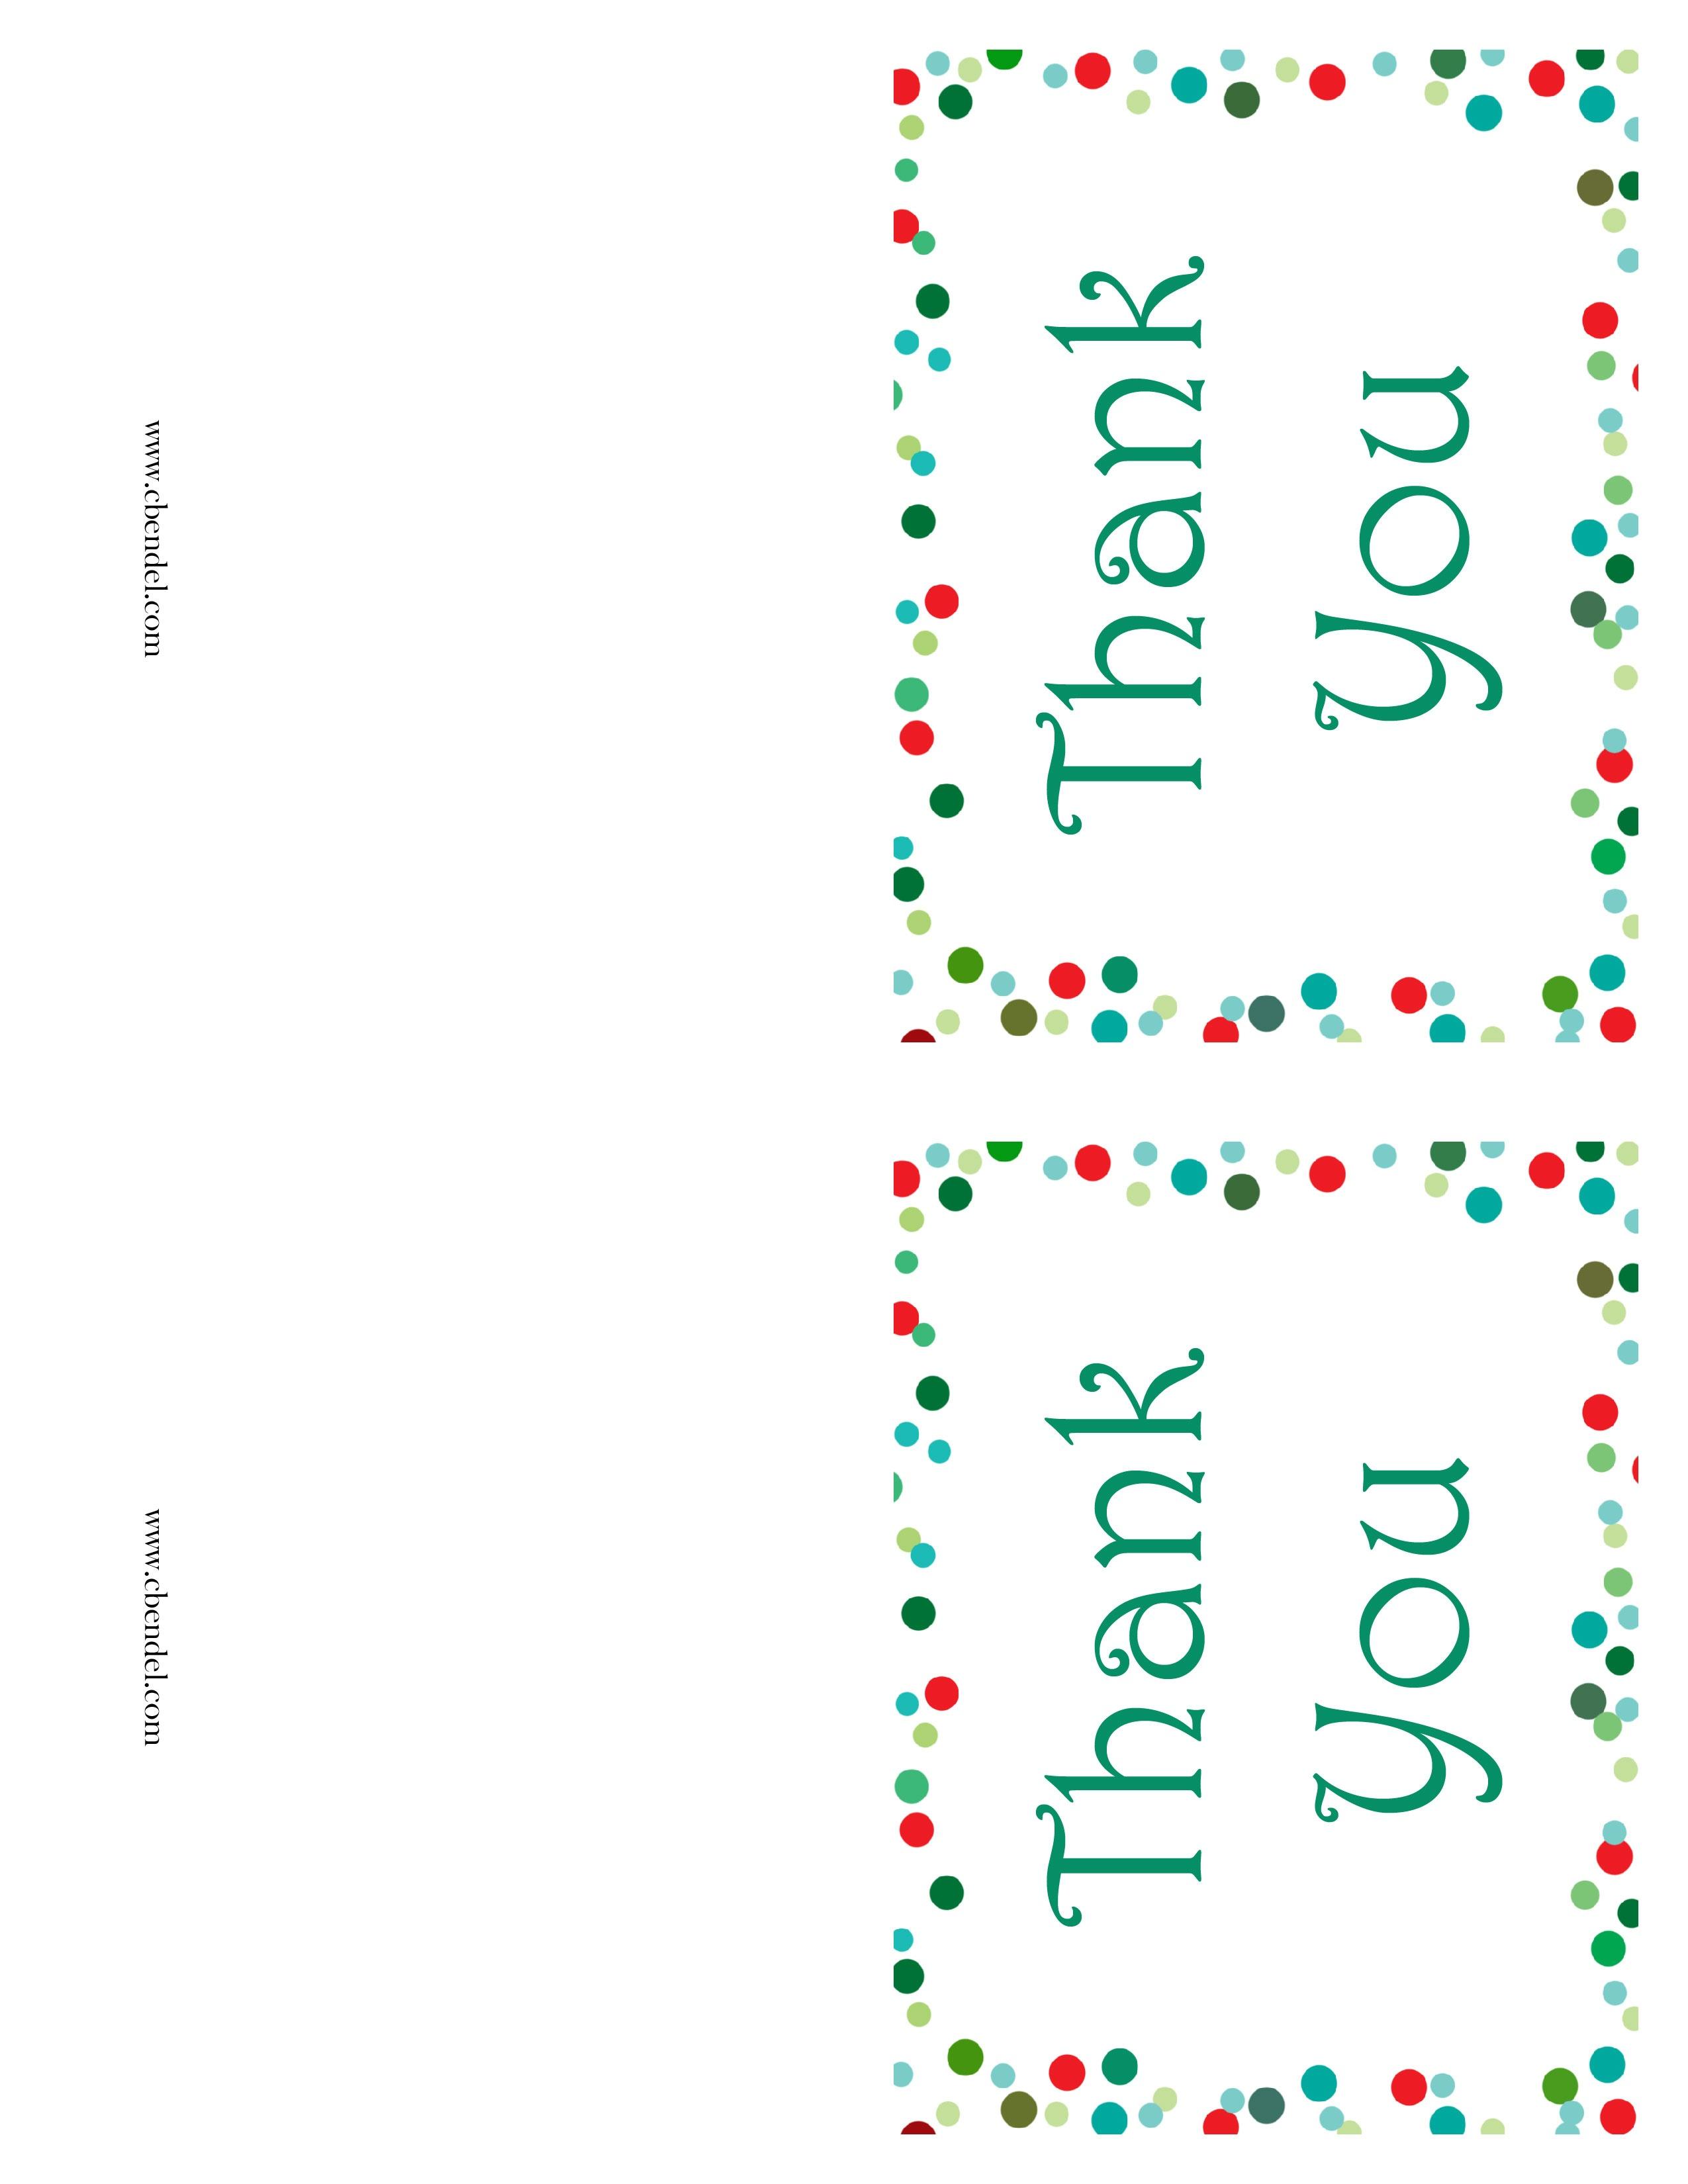 Free Printable Christmas Thank You Cards - Christmas Thank You Cards Printable Free